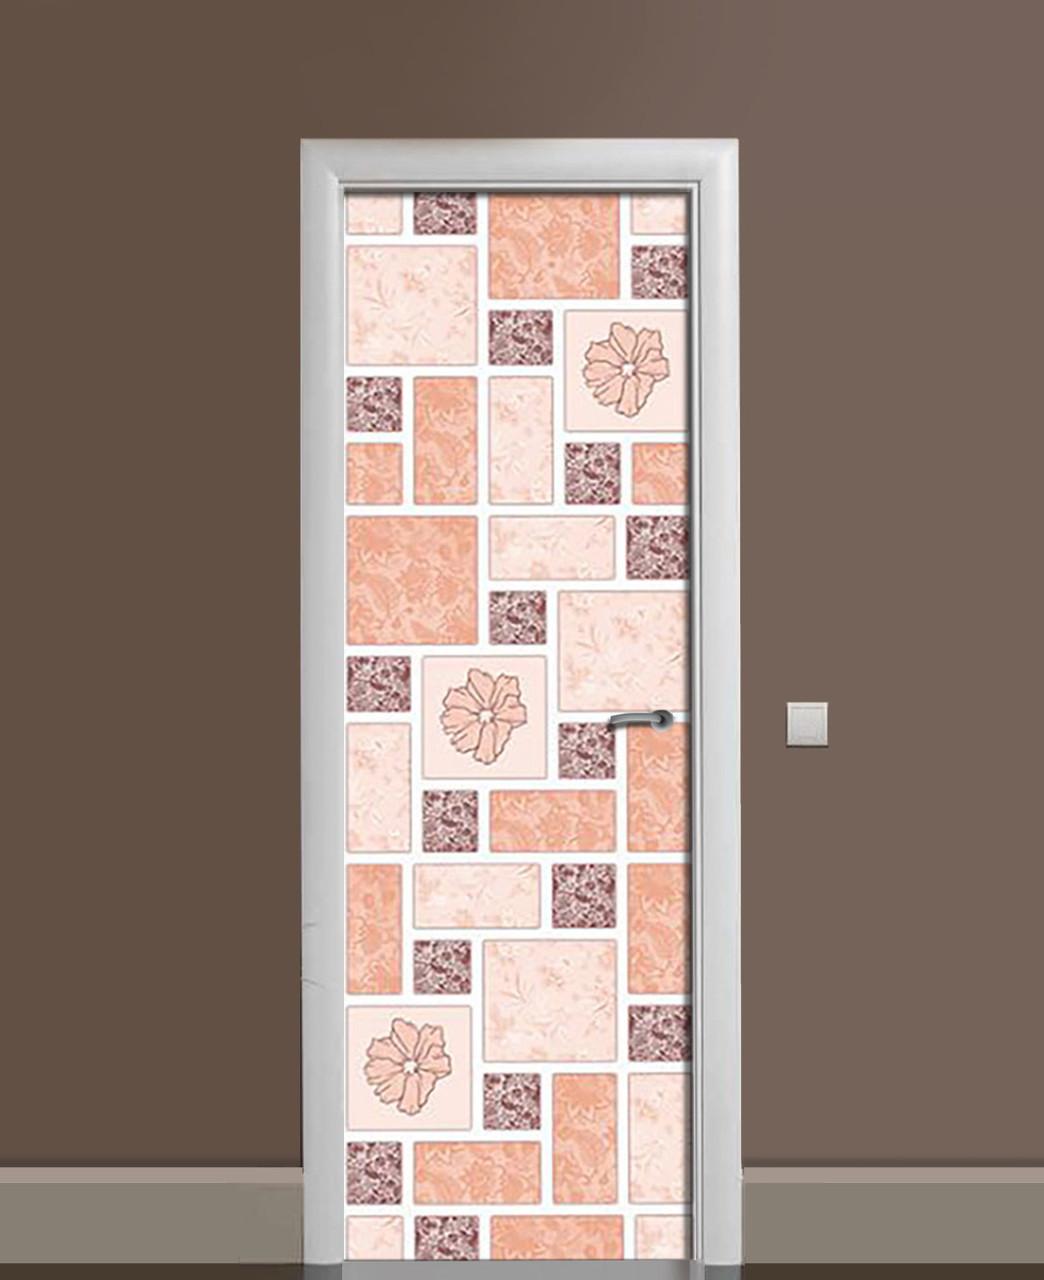 Декоративная наклейка на двери Пэчворк Маки Квадраты ПВХ пленка с ламинацией 65*200см Текстуры Розовый